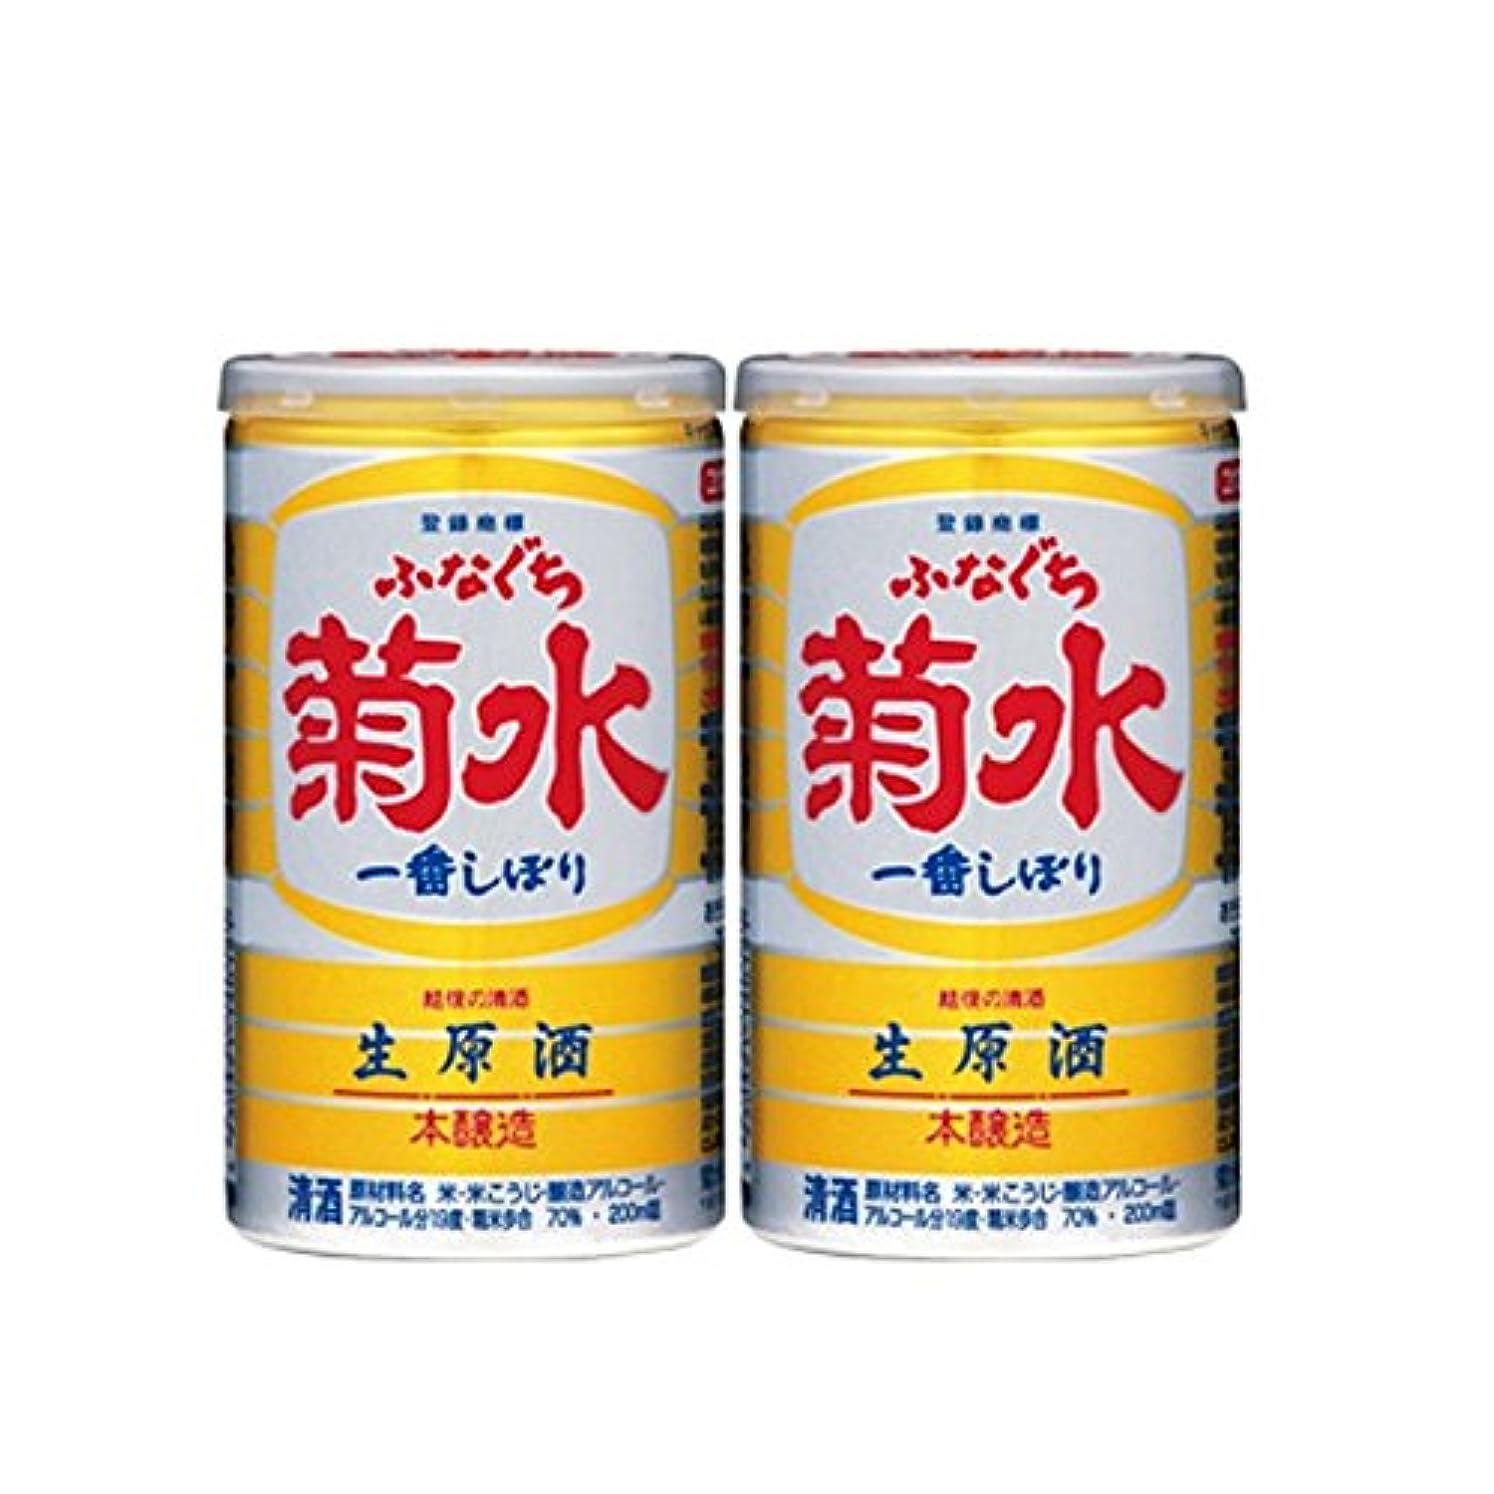 ブリリアント抜本的な海軍菊水 ふなぐち 一番しぼり 本醸造生原酒 (200ml×30本)×2ケース